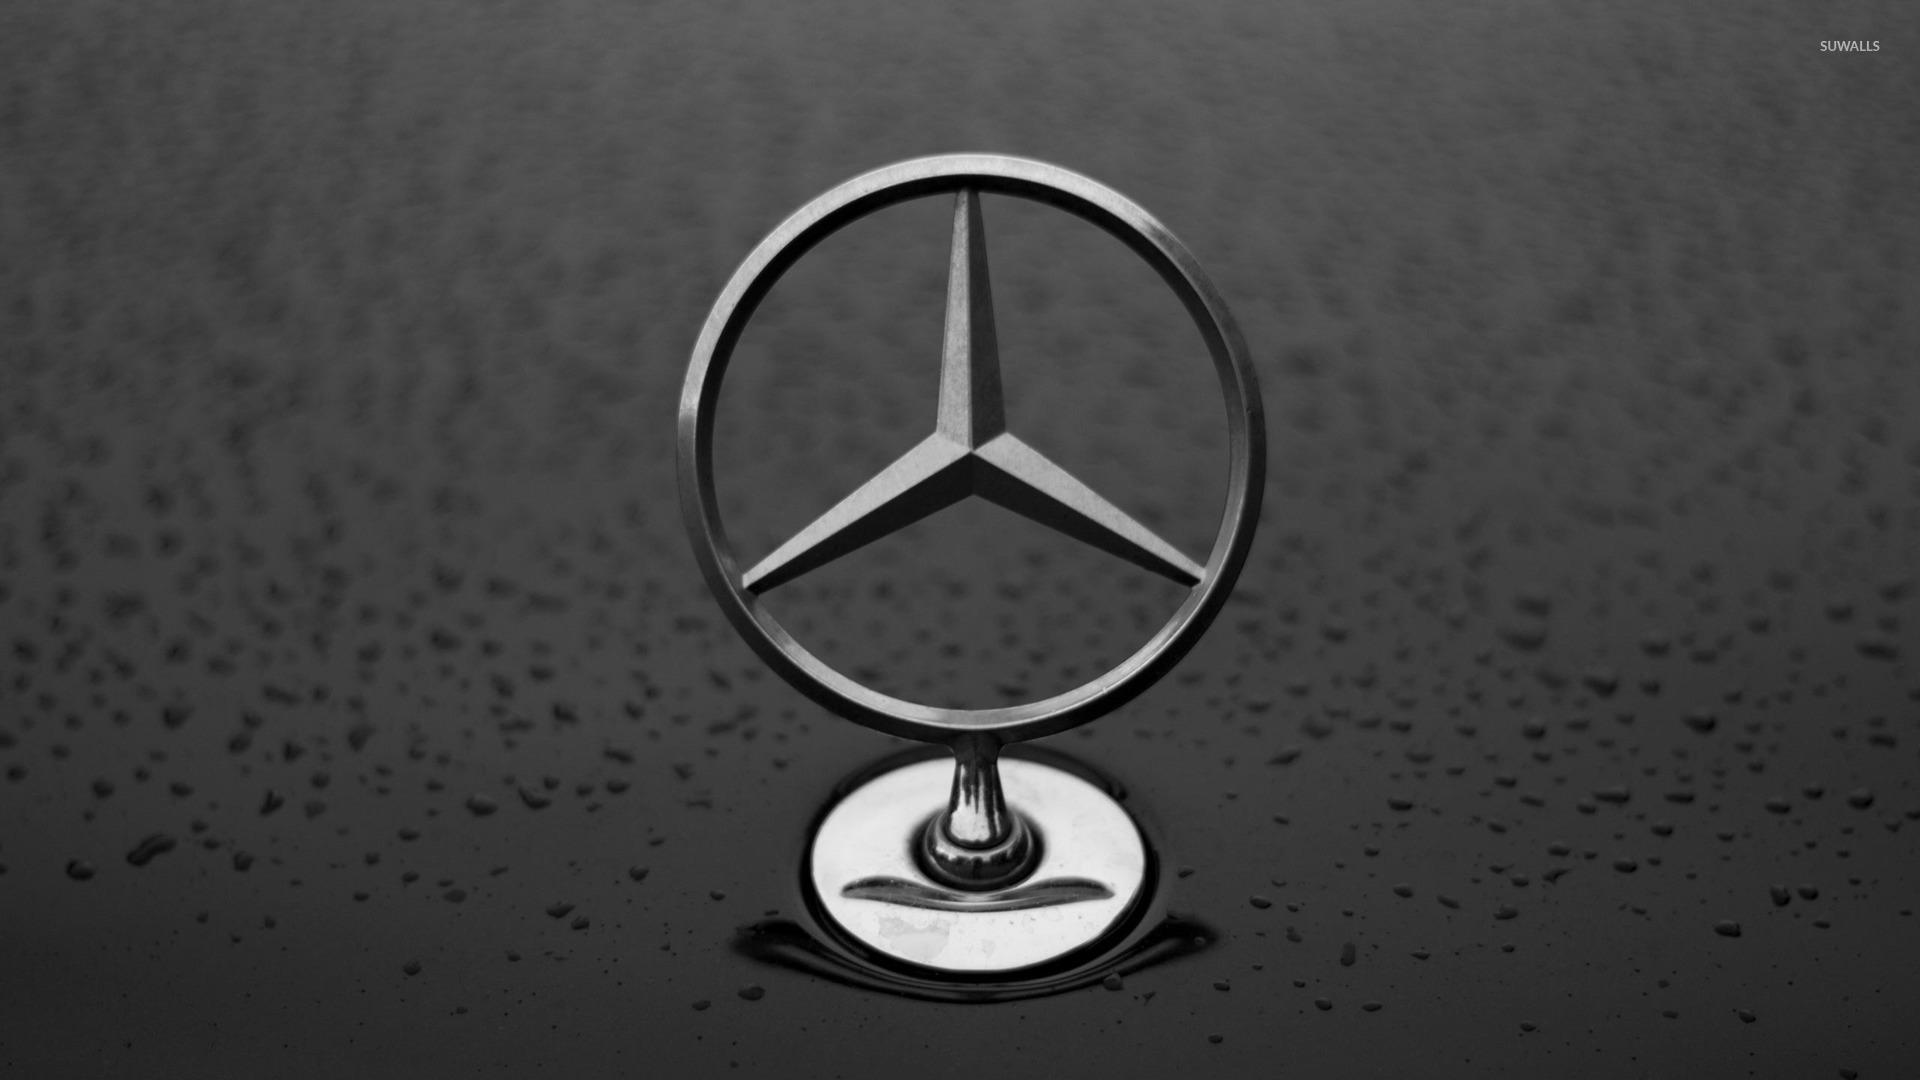 Mercedes benz hood ornament wallpaper car wallpapers for Mercedes benz hood ornament